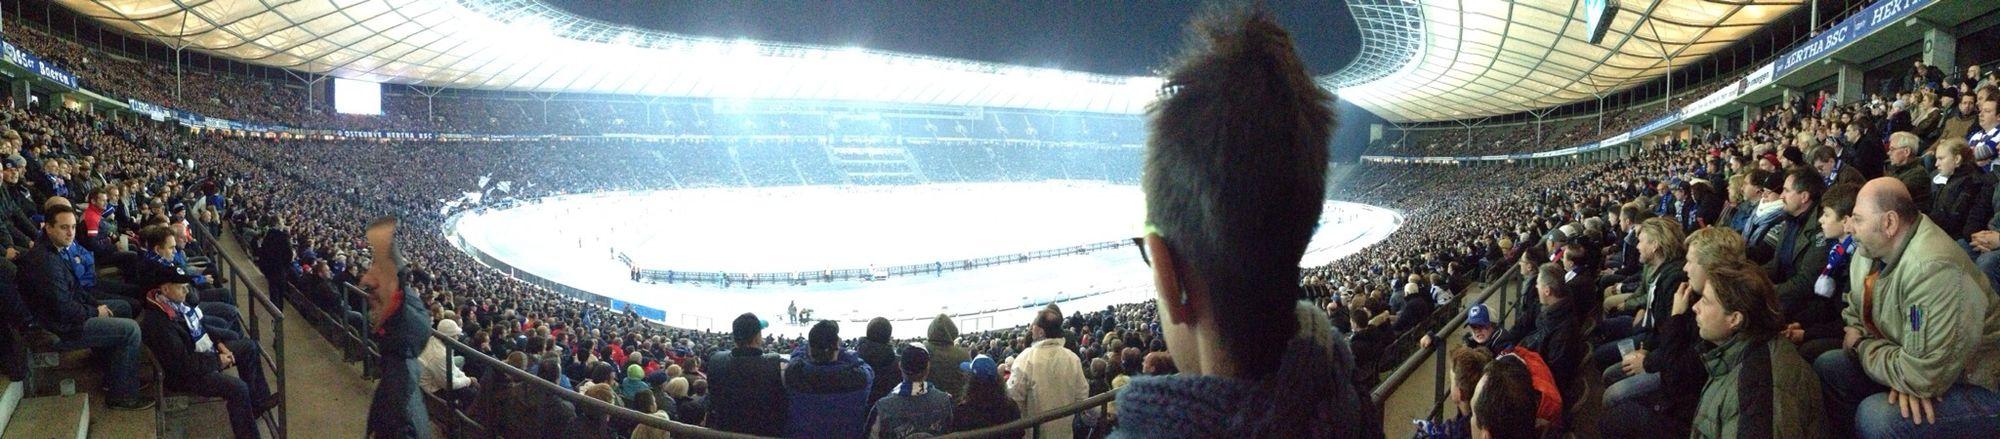 Match Fußballfieber Hertha BSC